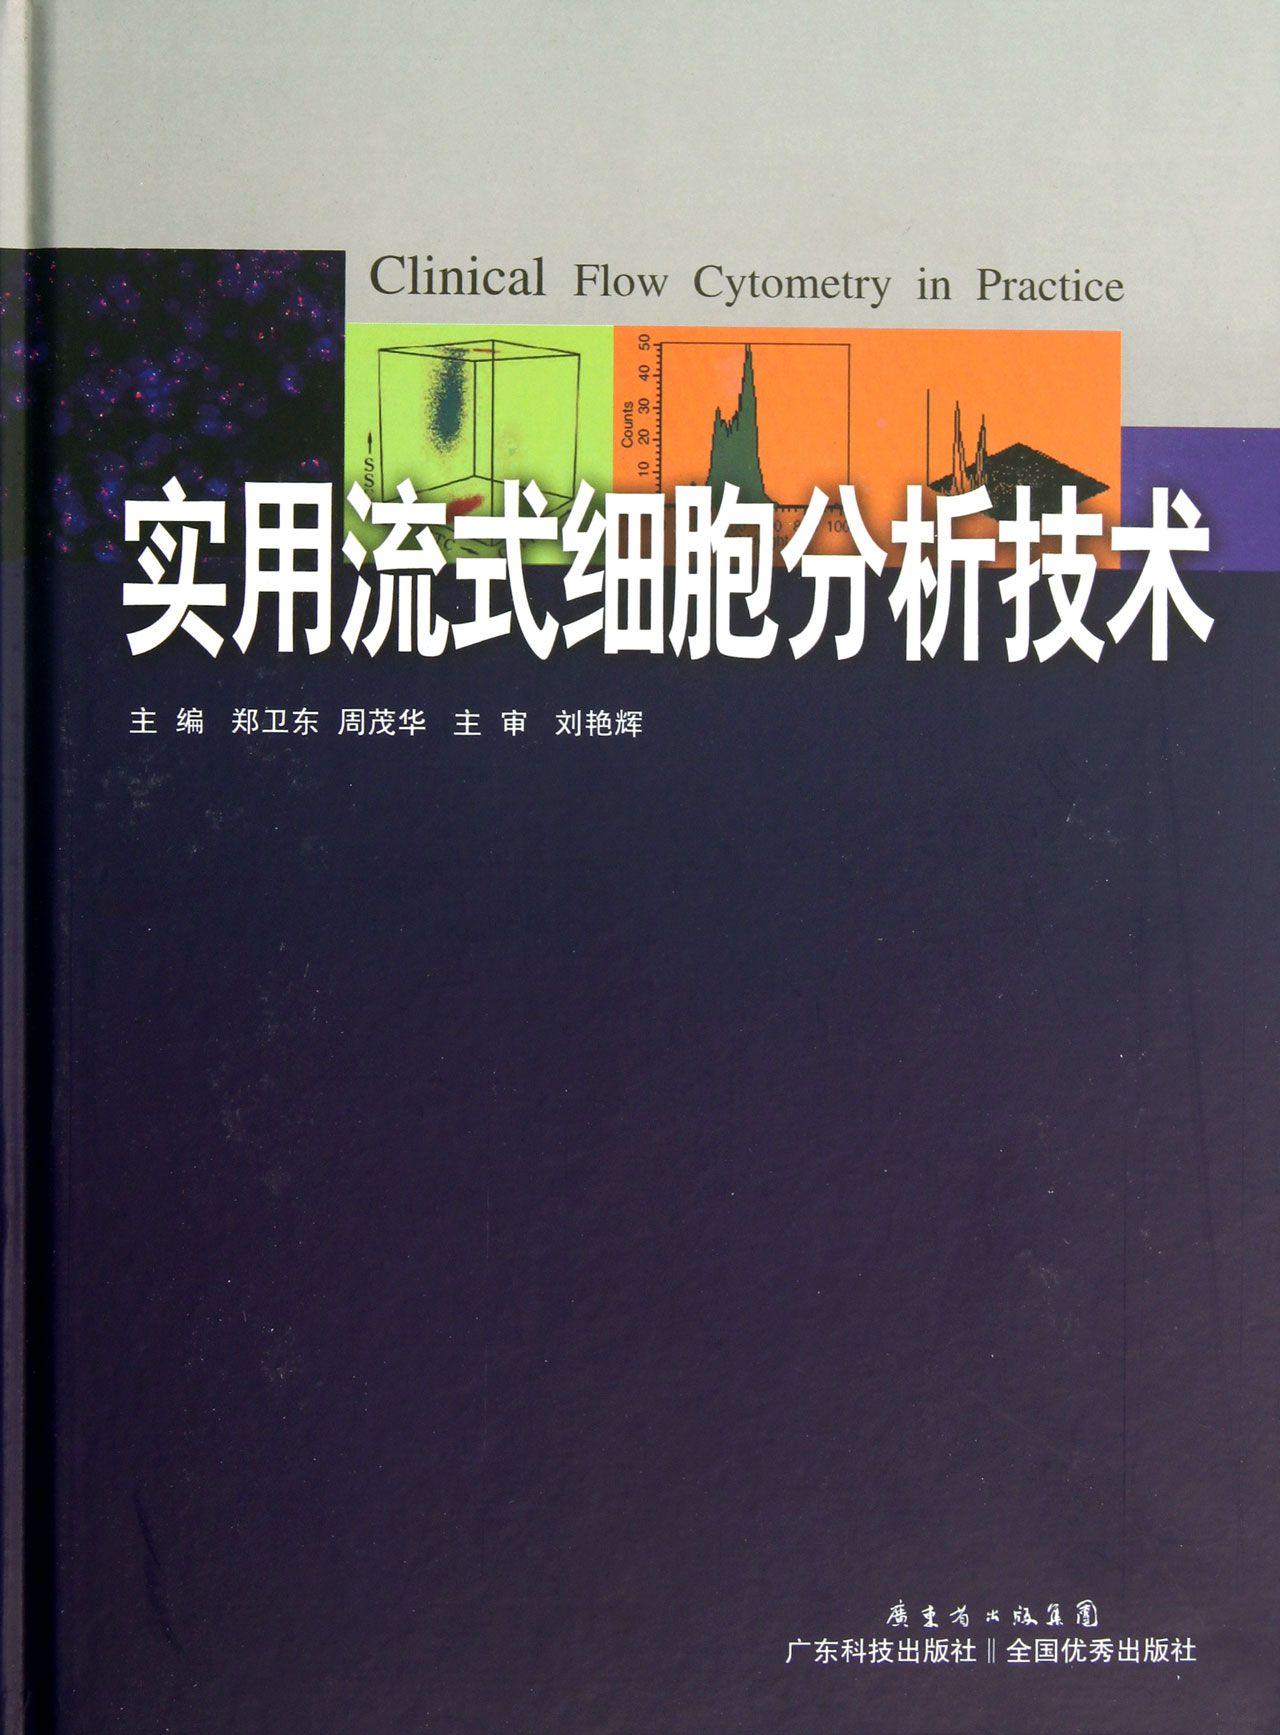 实用流式细胞分析技术(精)